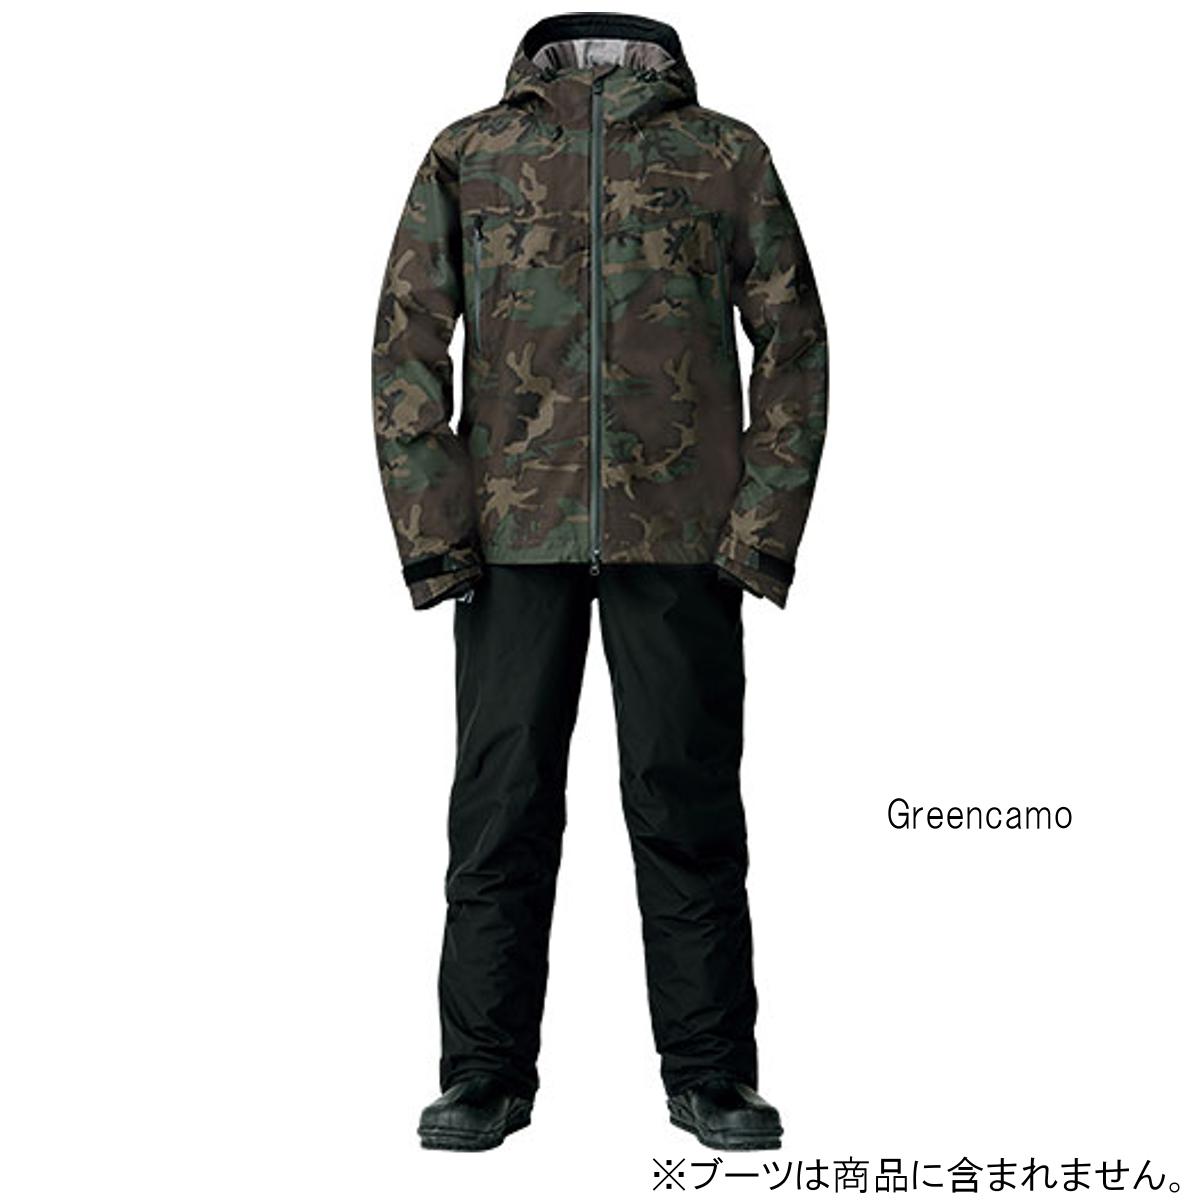 ダイワ ゴアテックス ファブリクス ウィンタースーツ DW-1908 XL Greencamo(東日本店)